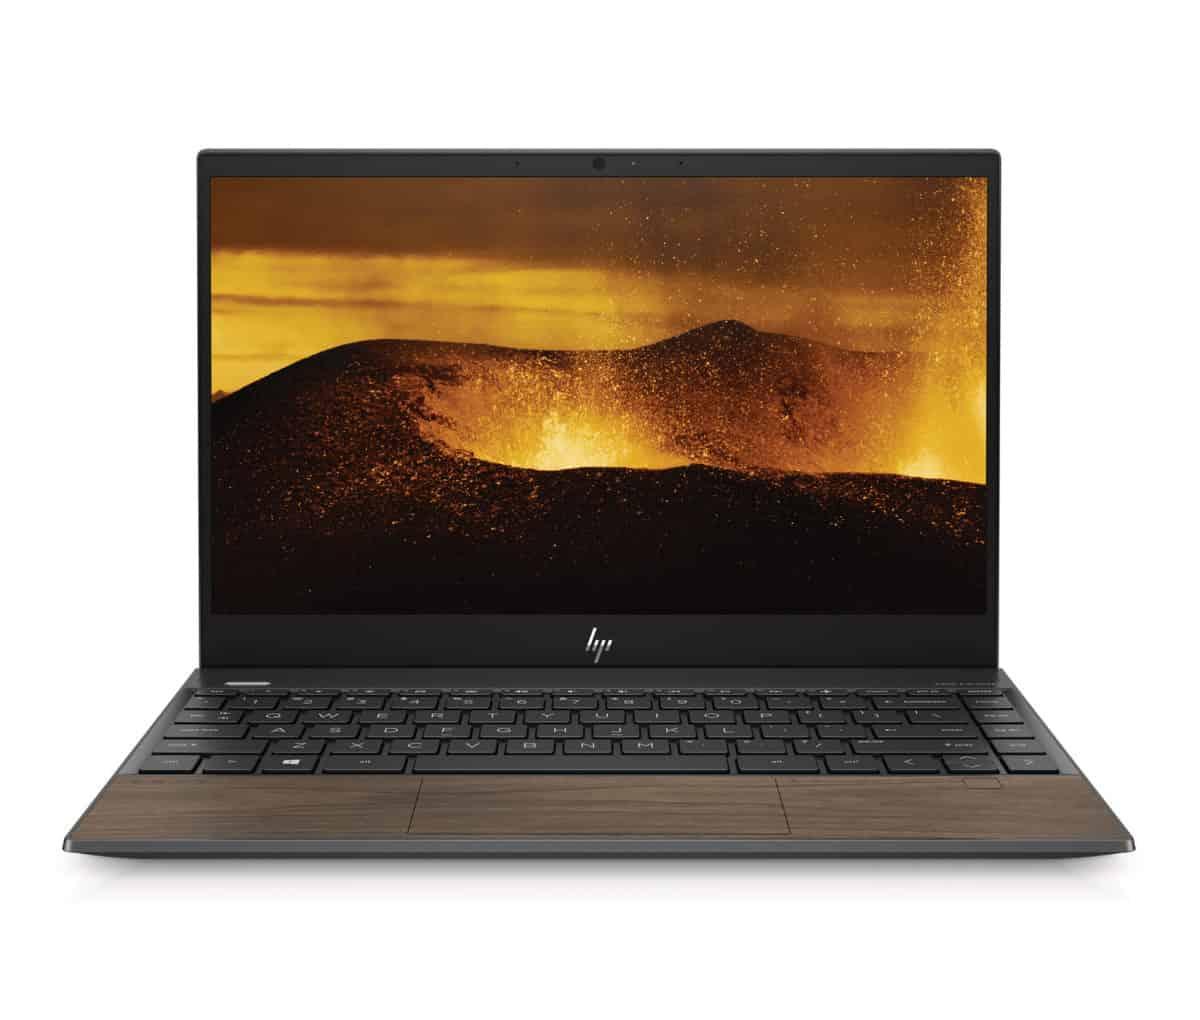 """HP Envy Wood, des ordinateurs portables avec """"incrustation en bois authentique"""""""